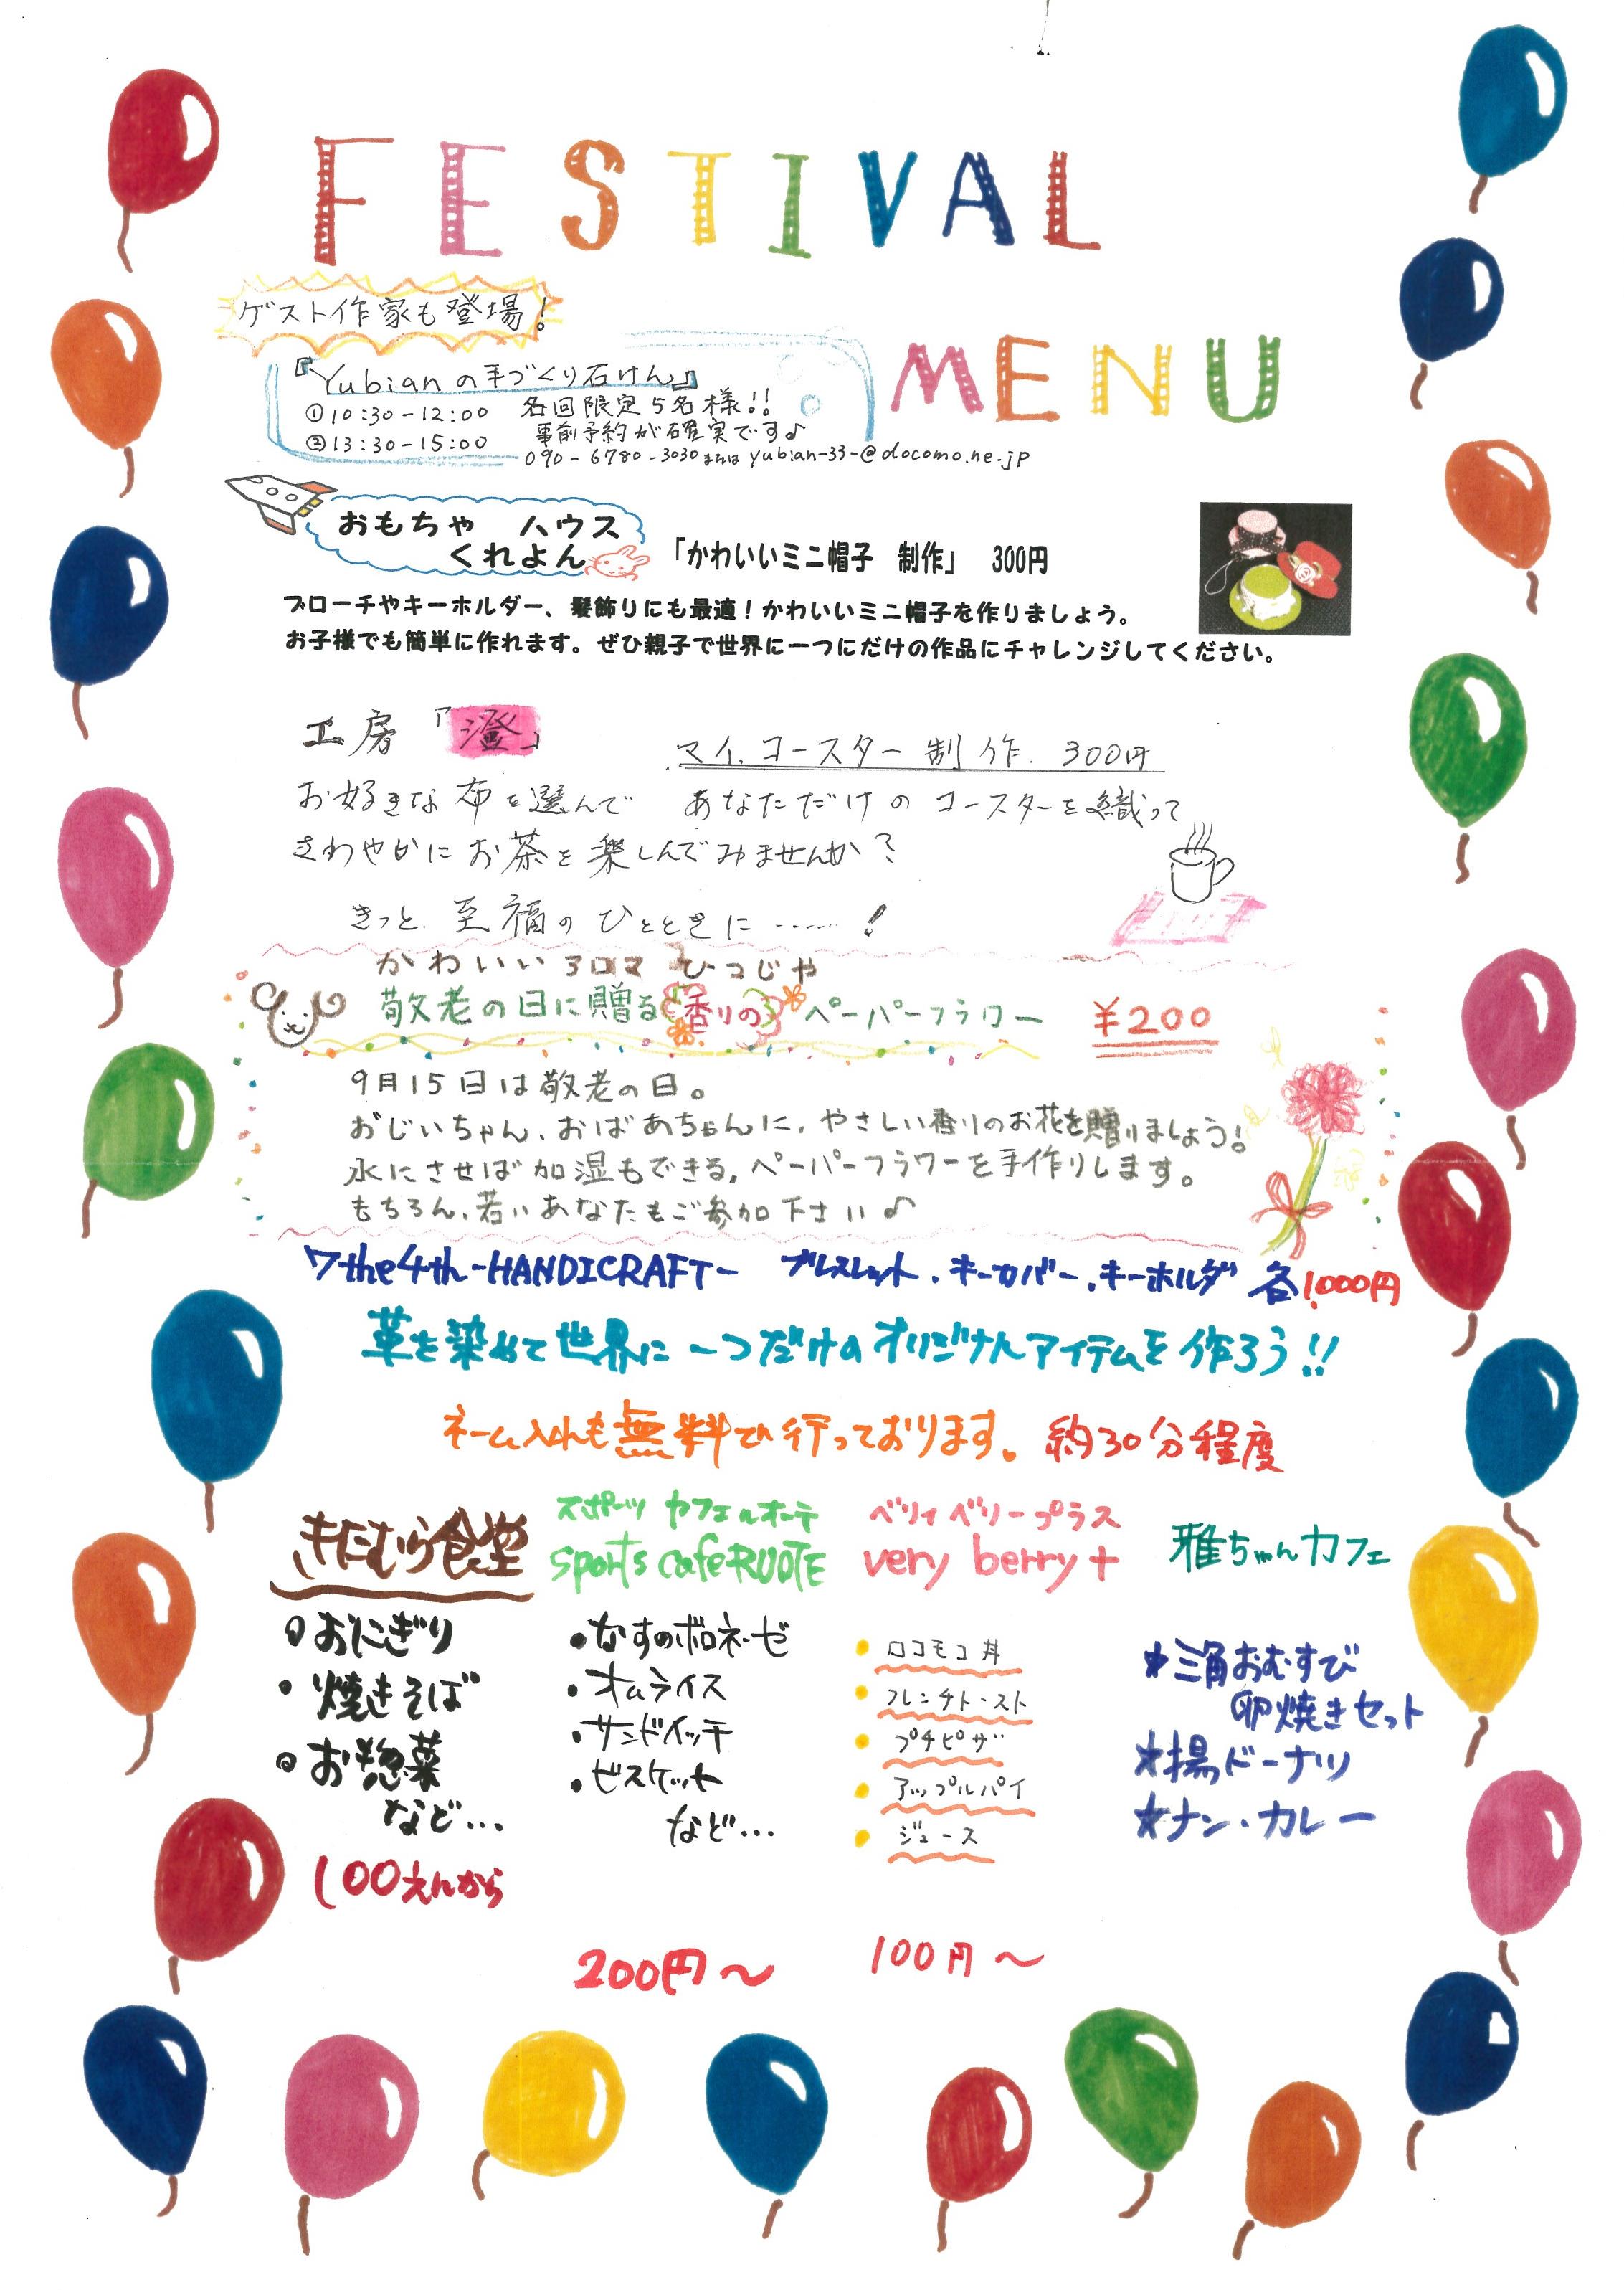 http://hacchi.jp/blog/upload/images/20140908_1.png